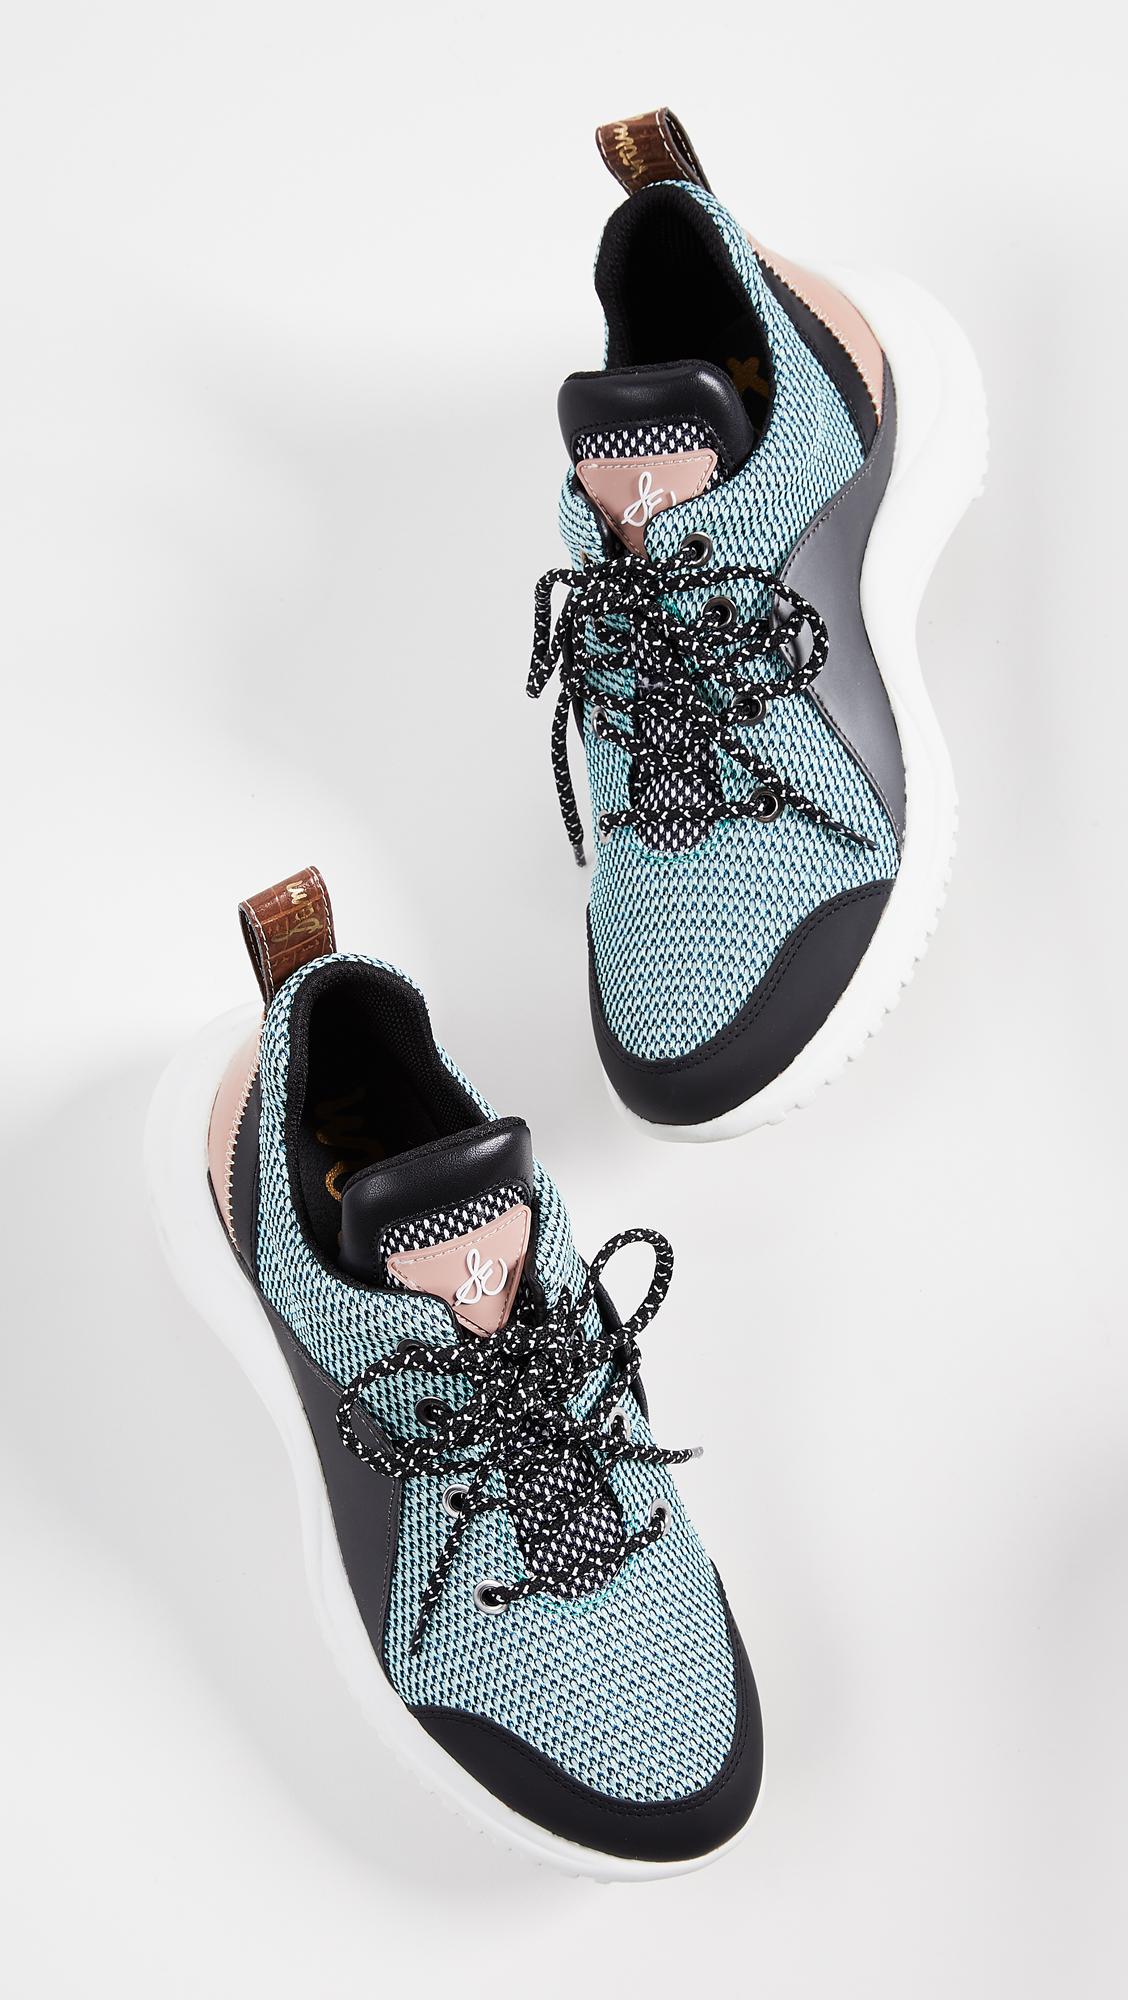 f0a9d1653e8d Sam Edelman Meena Sneakers